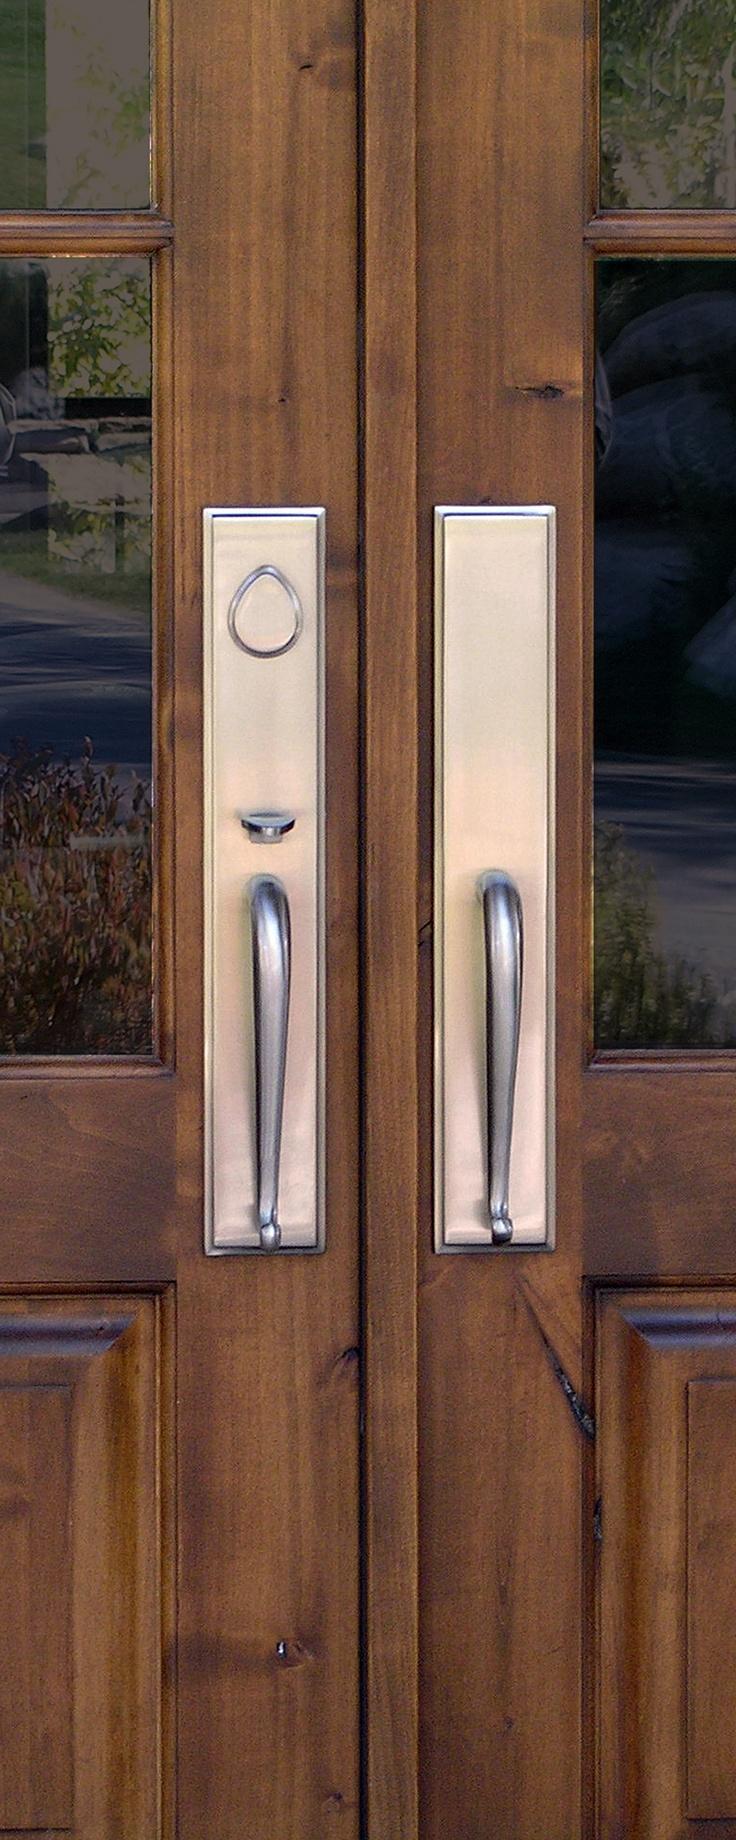 Luxury ashley norton Cabinet Hardware